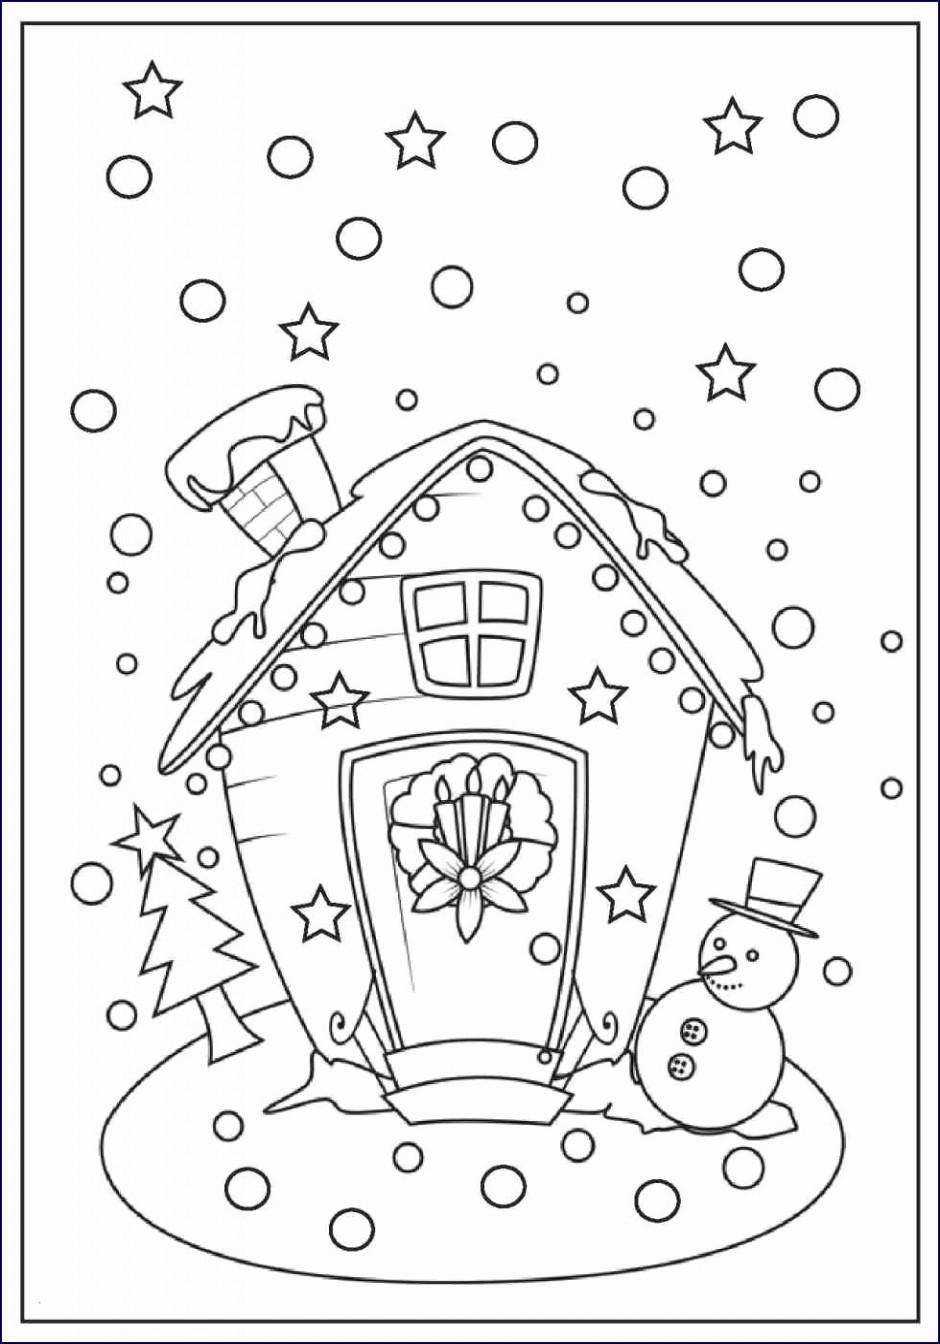 Ausmalbilder Elsa Inspirierend Frozen to Color 40 Frozen Ausmalbilder Olaf Scoredatscore Fotografieren